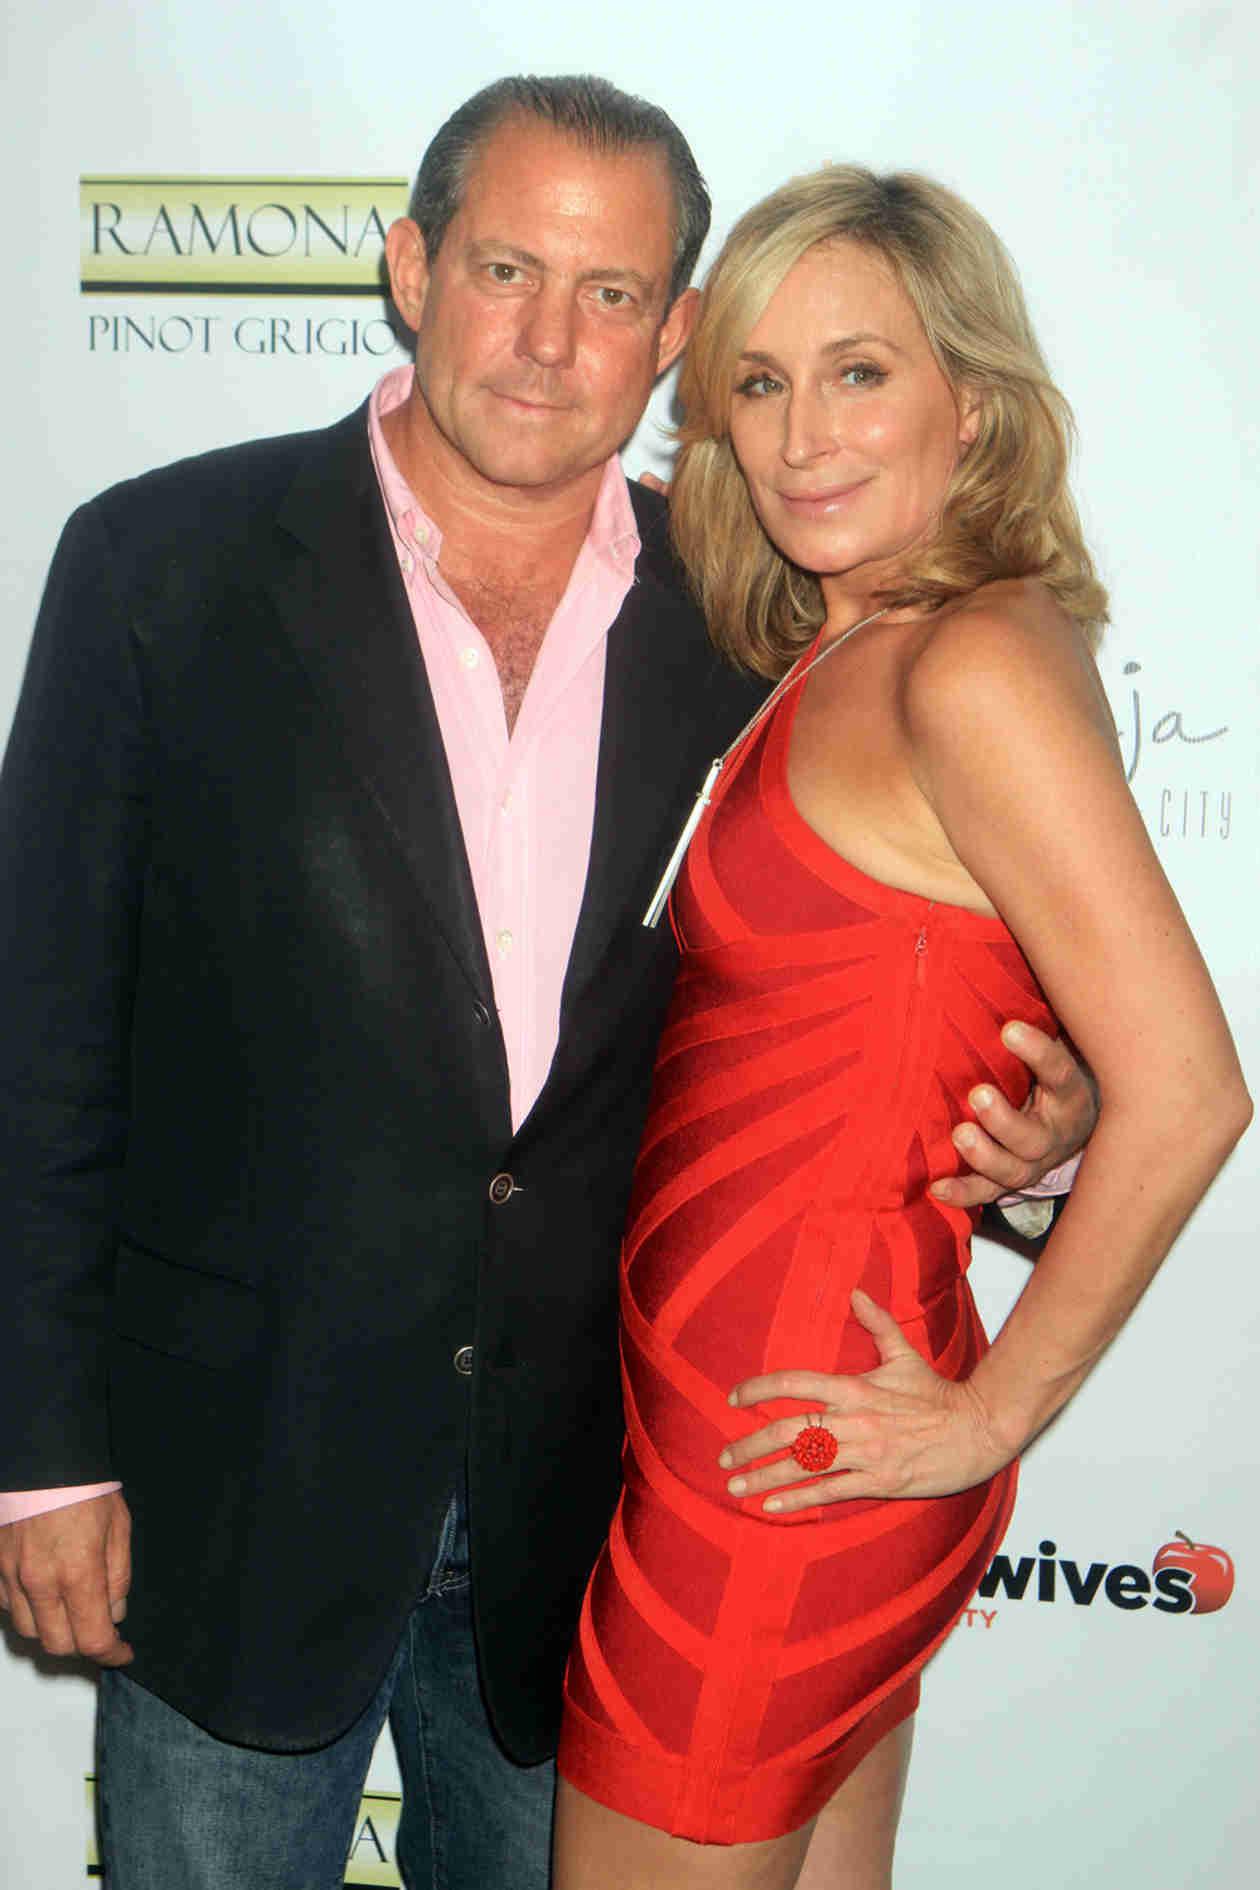 Aviva Drescher's Ex Harry Dubin — How Much Is He Worth?